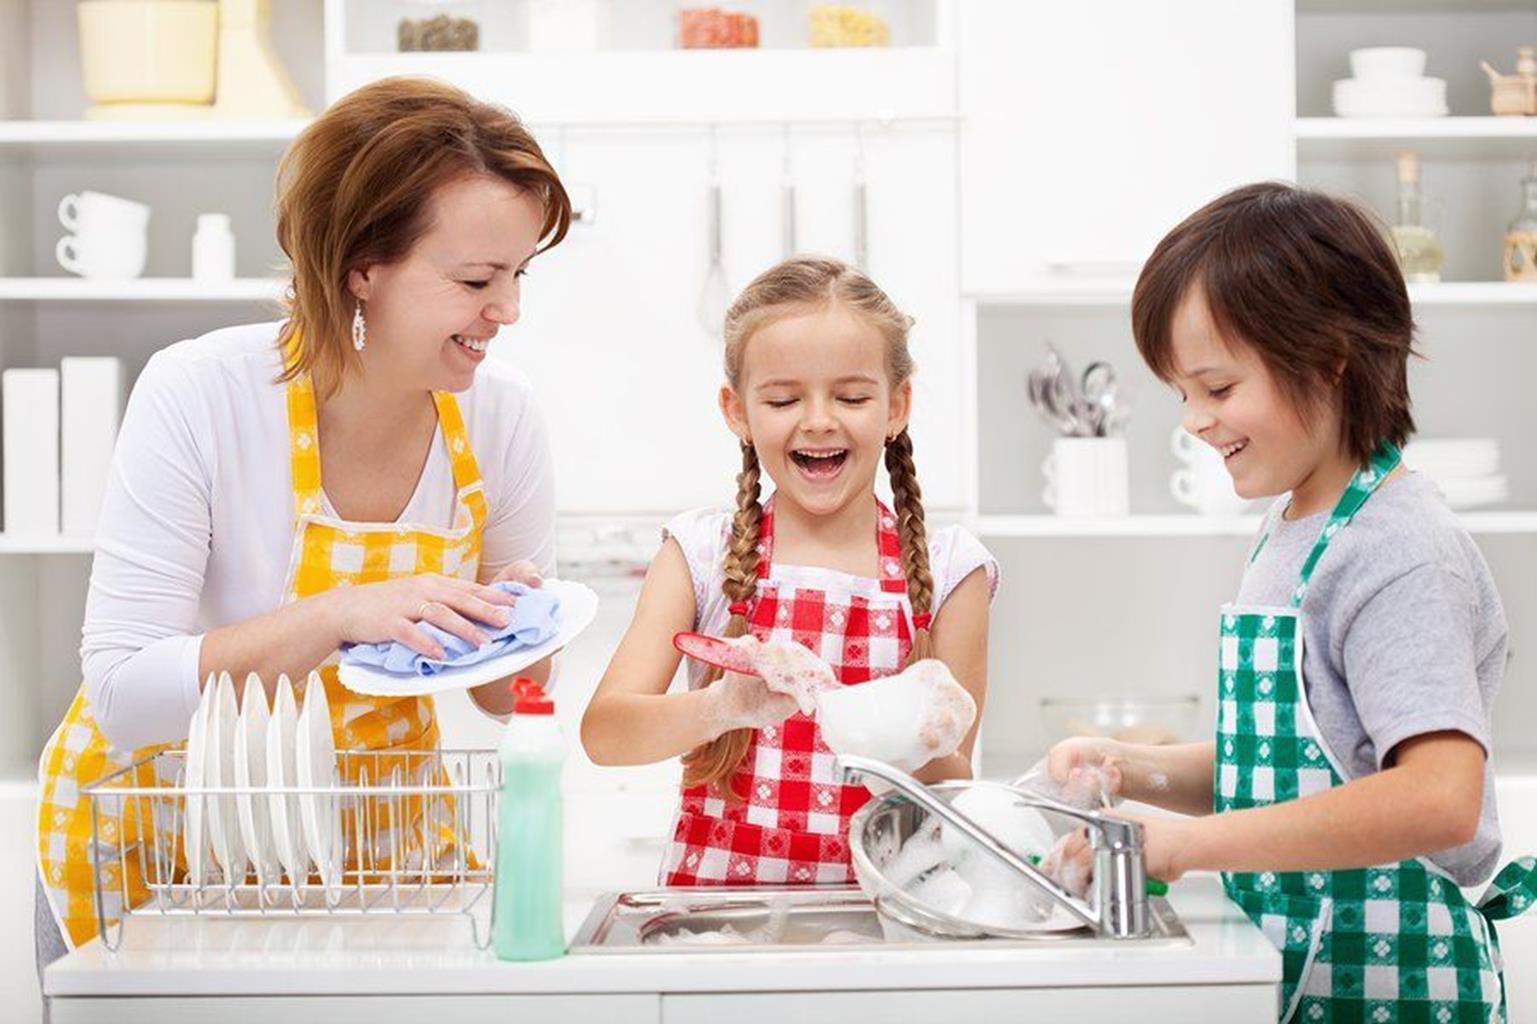 Cách để con tự giác làm việc nhà không phải cha mẹ Việt nào cũng dám thử-2